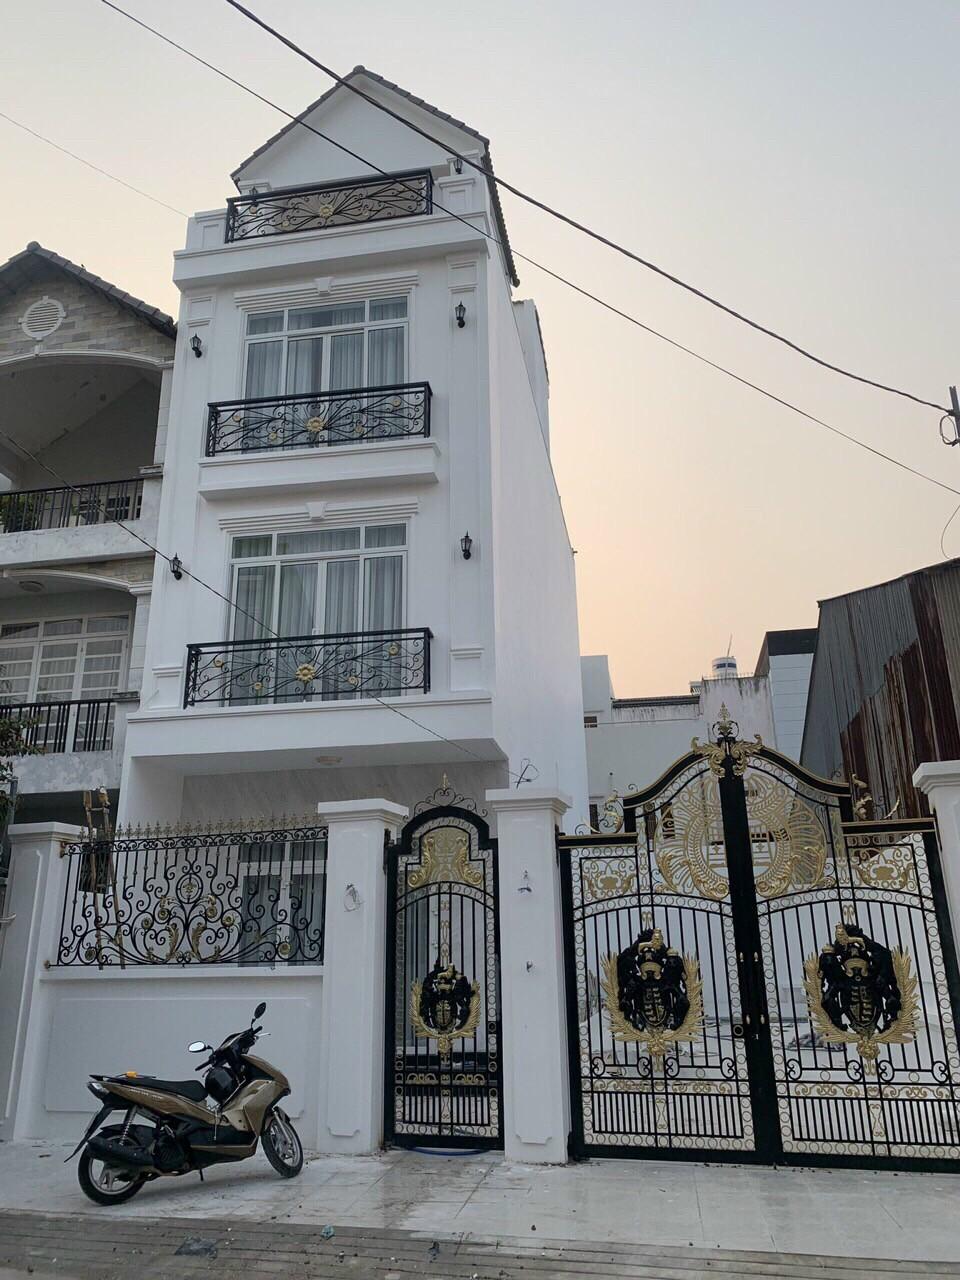 Cho thuê nhà 1 trệt 2 lầu sau cơm tấm Kiều Giang vòng xoay Phú Hữu